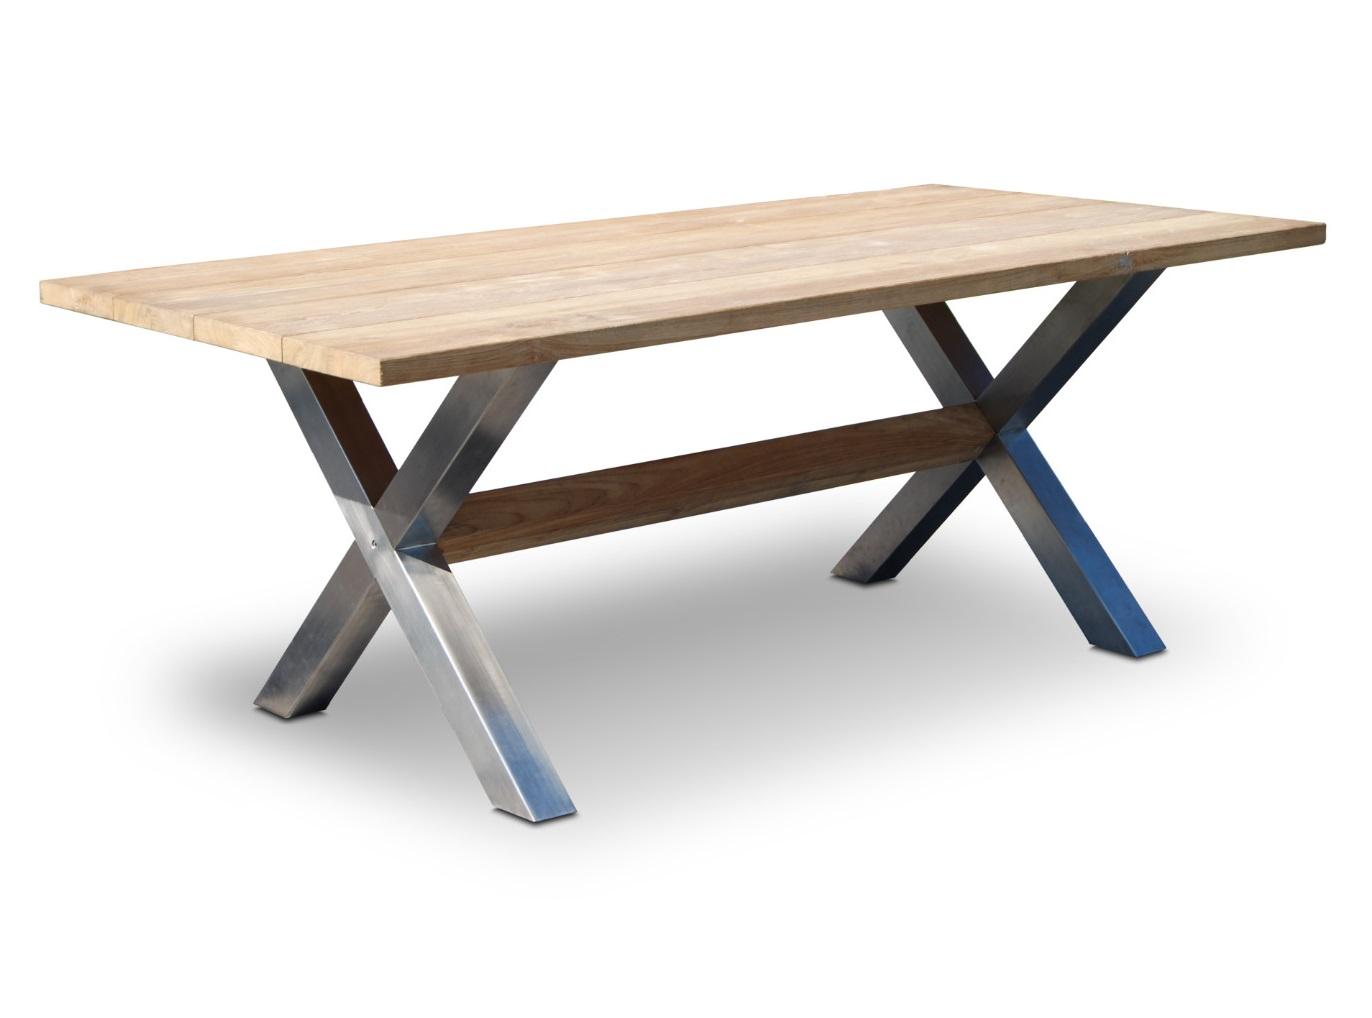 Стол NauticСтолы и столики для сада<br>Цвет столешницы: тик<br><br>Material: Дерево<br>Ширина см: 200<br>Высота см: 75<br>Глубина см: 100